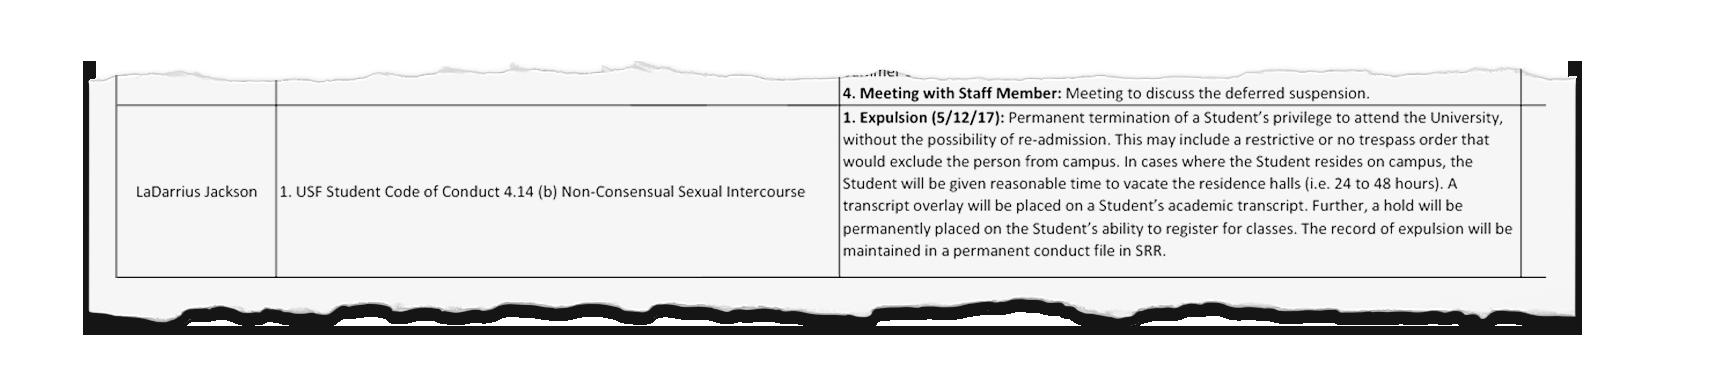 LaDarrius Jackson disciplinary records.